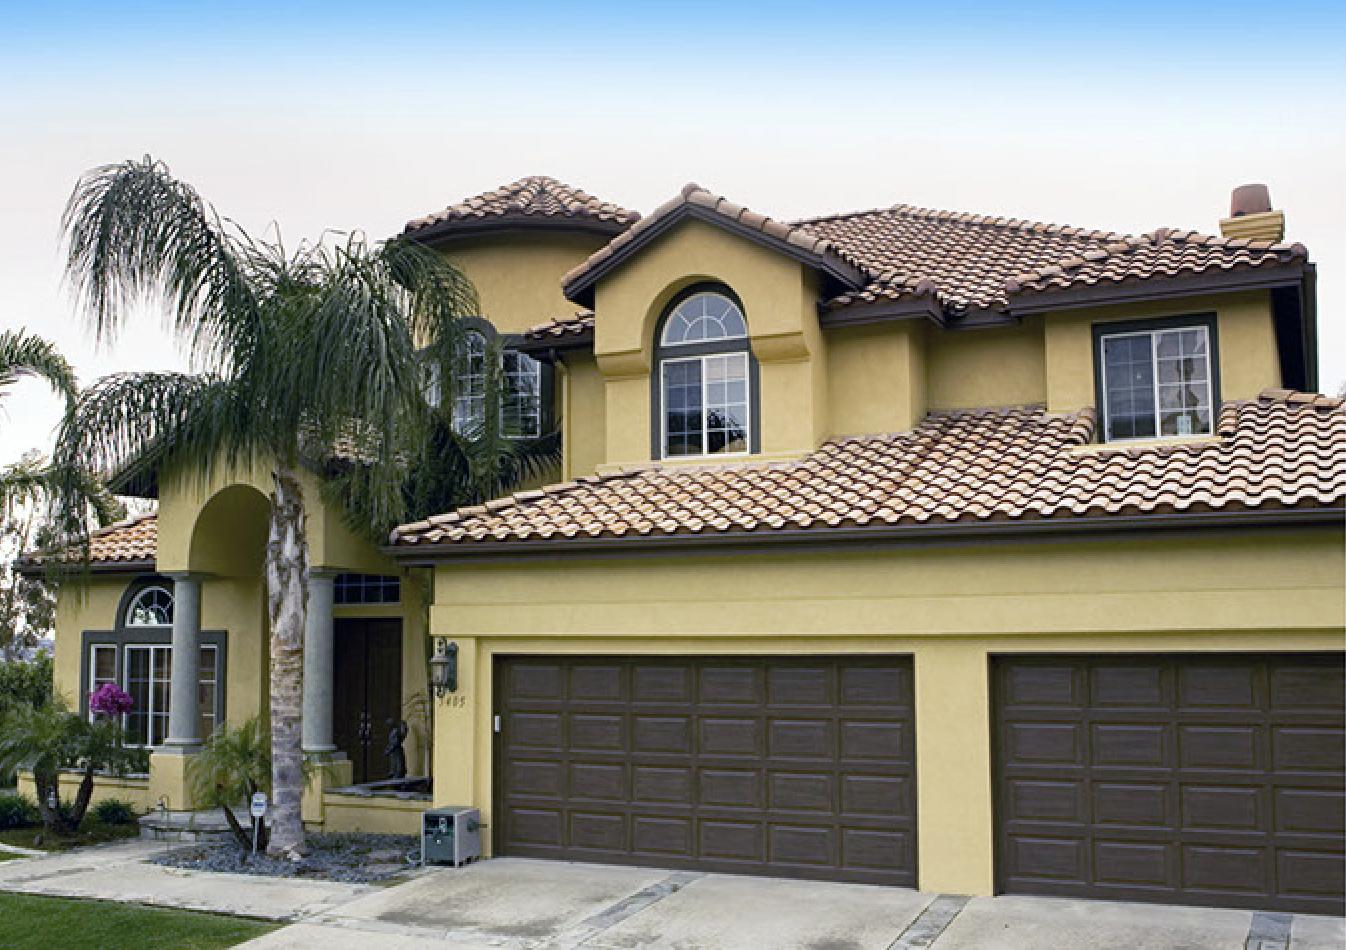 Exterior-Coating-HomestarBuilders-5